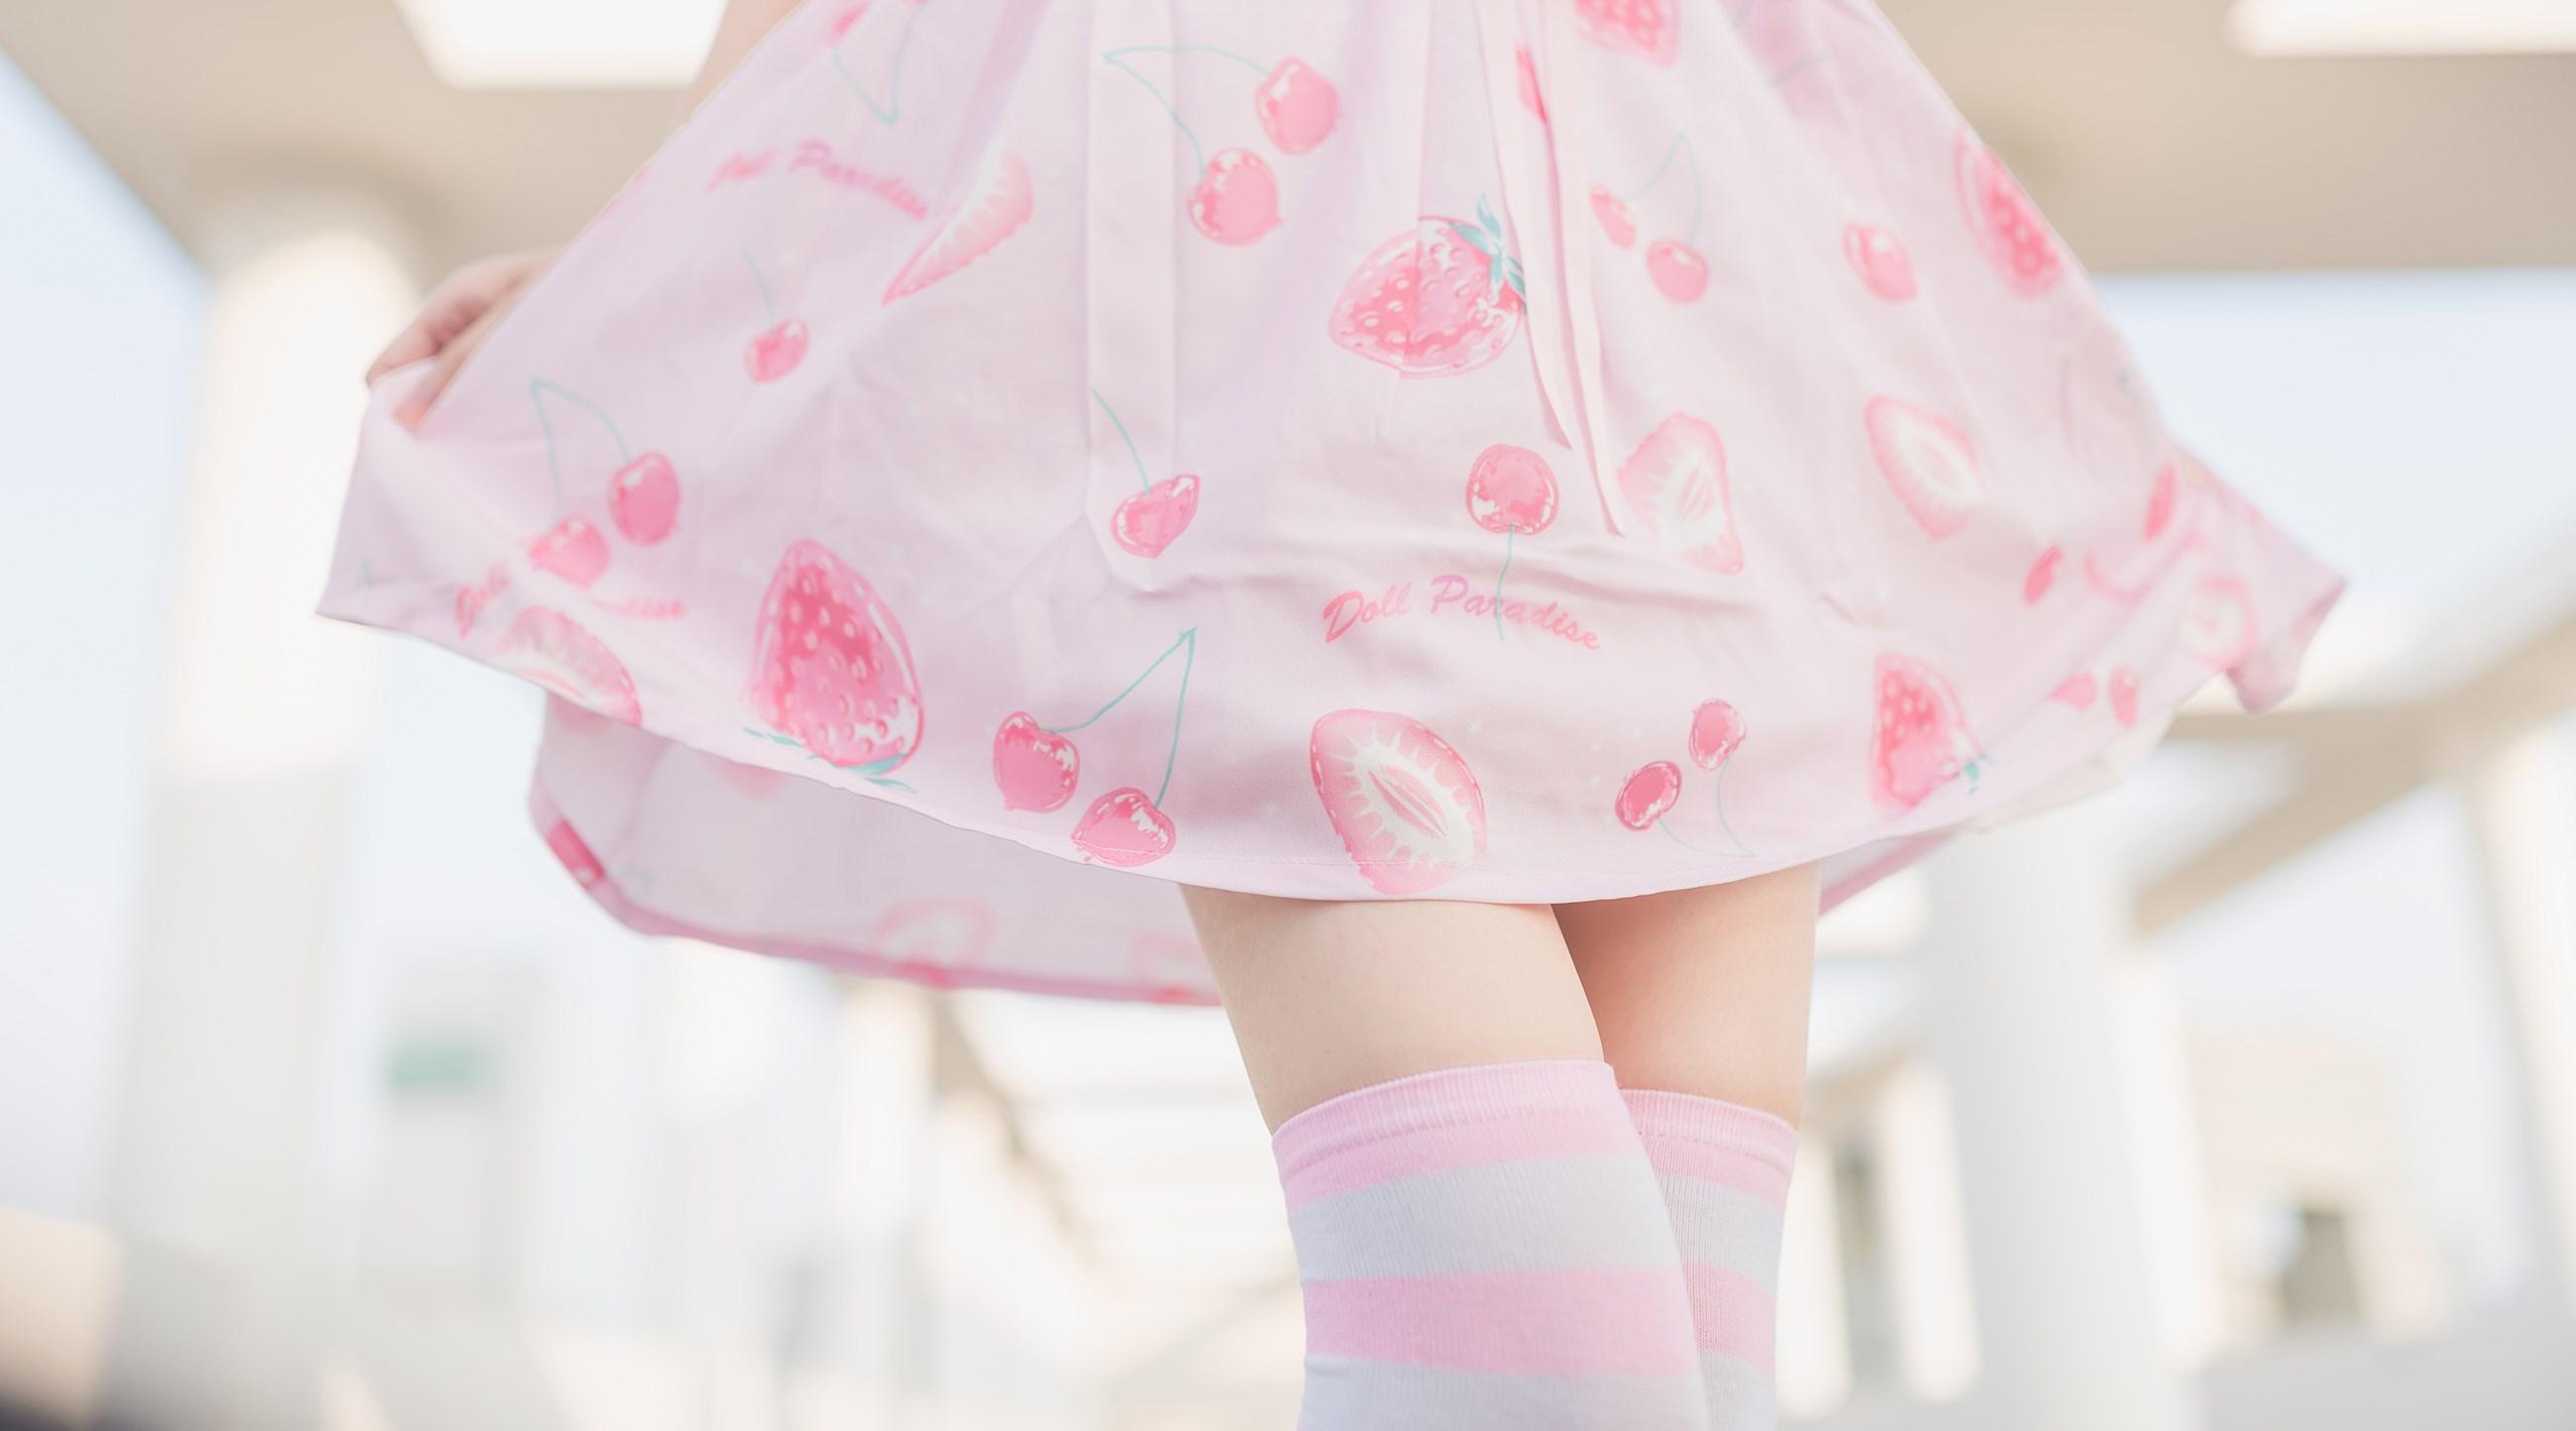 【兔玩映画】粉白条纹 兔玩映画 第47张